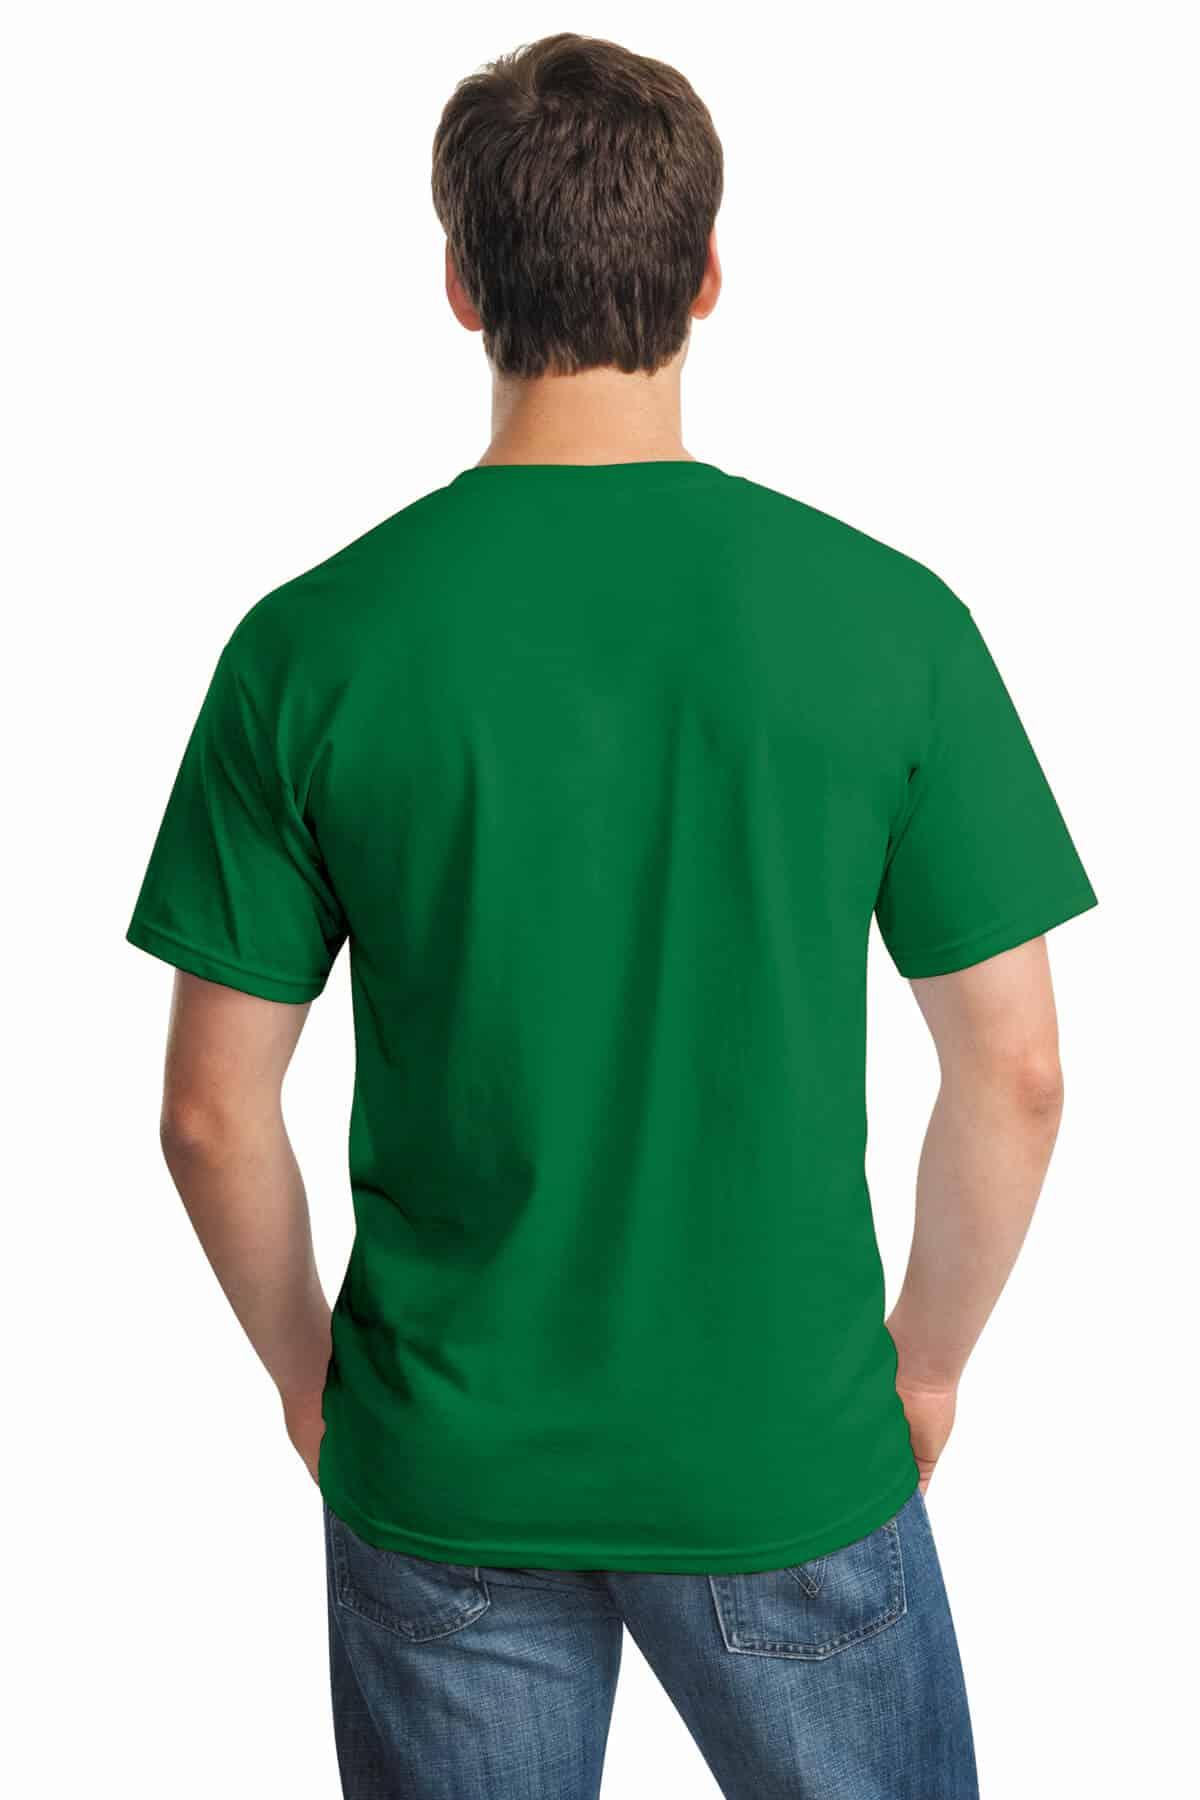 Turf Green Back